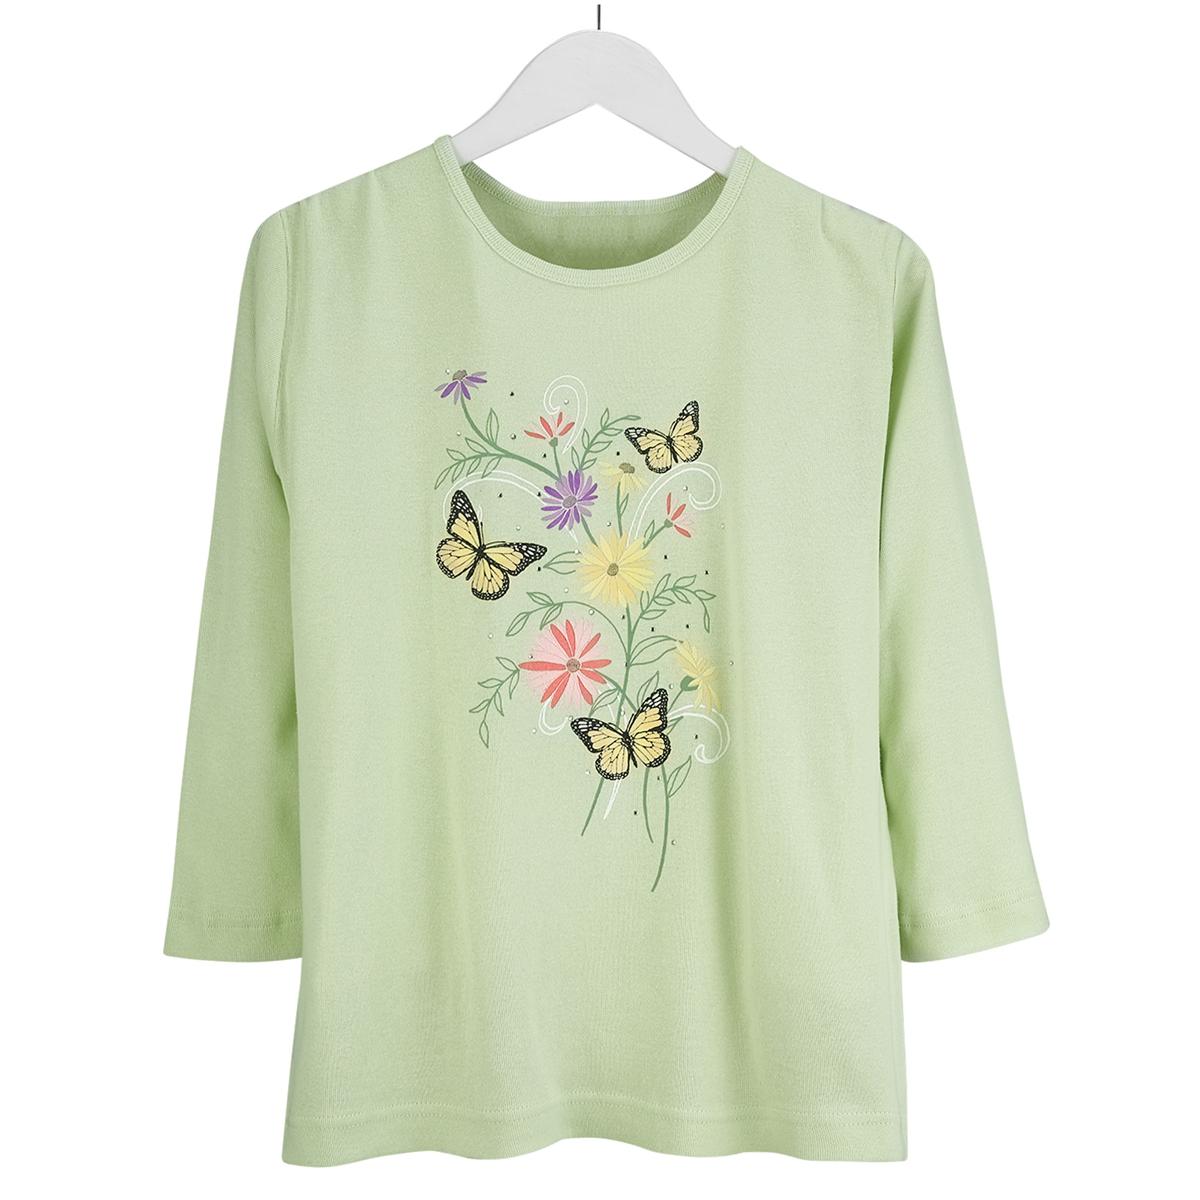 Garden Butterflies Tee